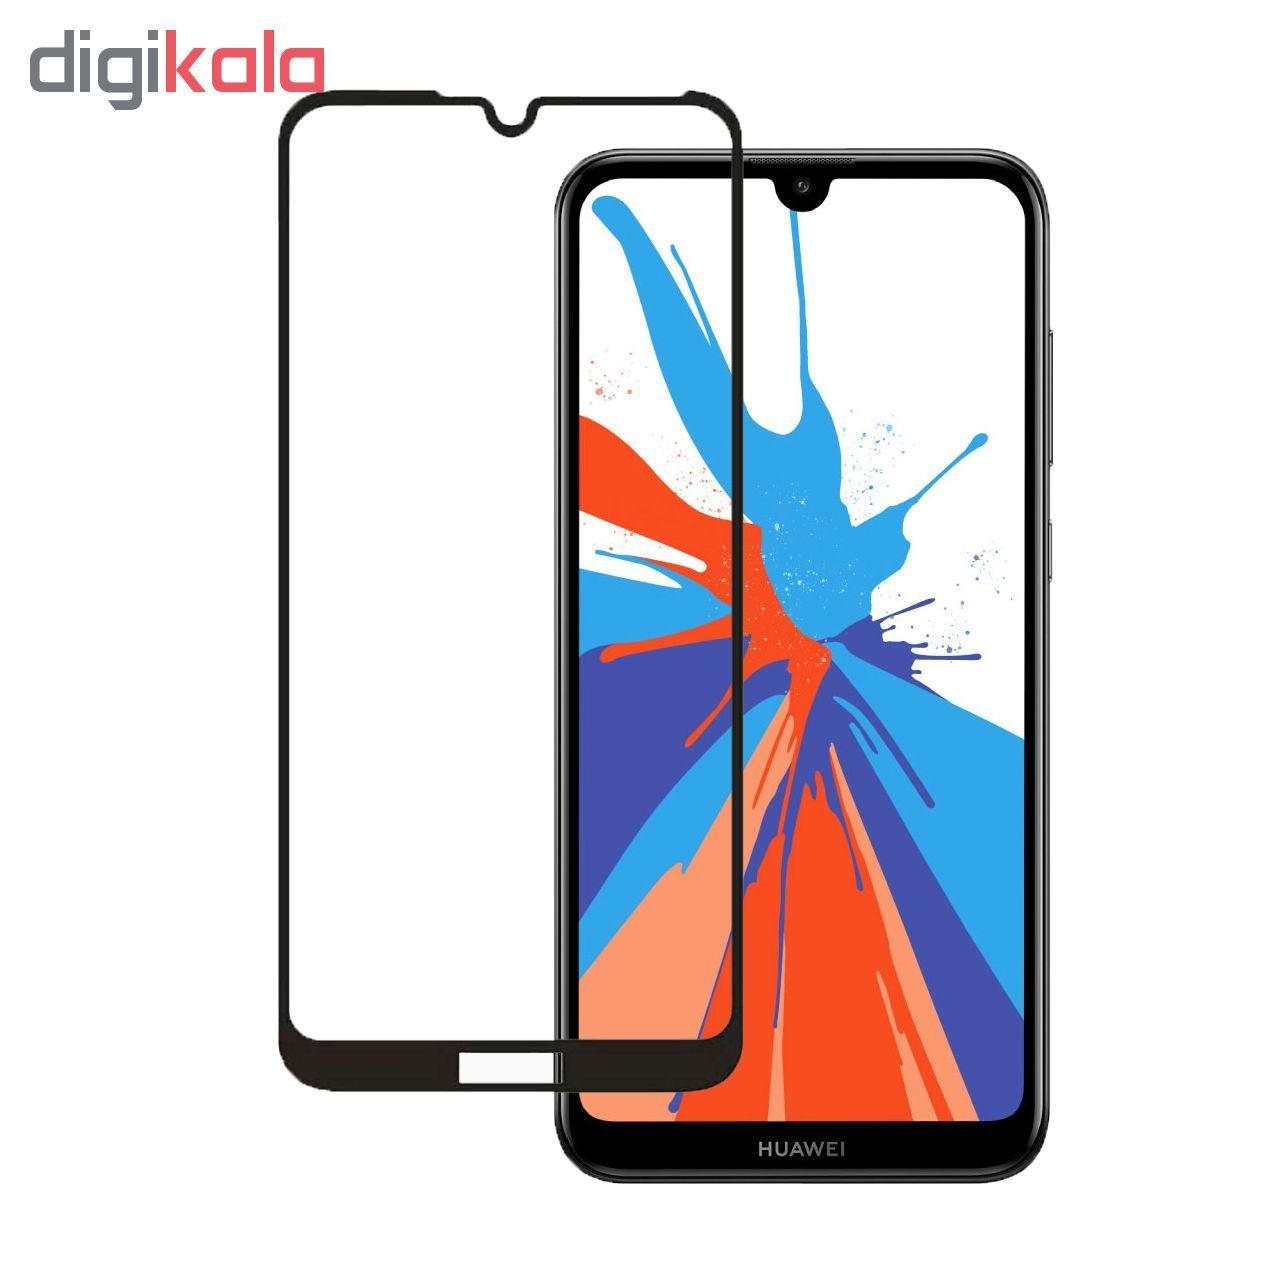 محافظ صفحه نمایش نیکسو مدل FG مناسب برای گوشی موبایل هوآوی Y7 Prime 2019 main 1 1